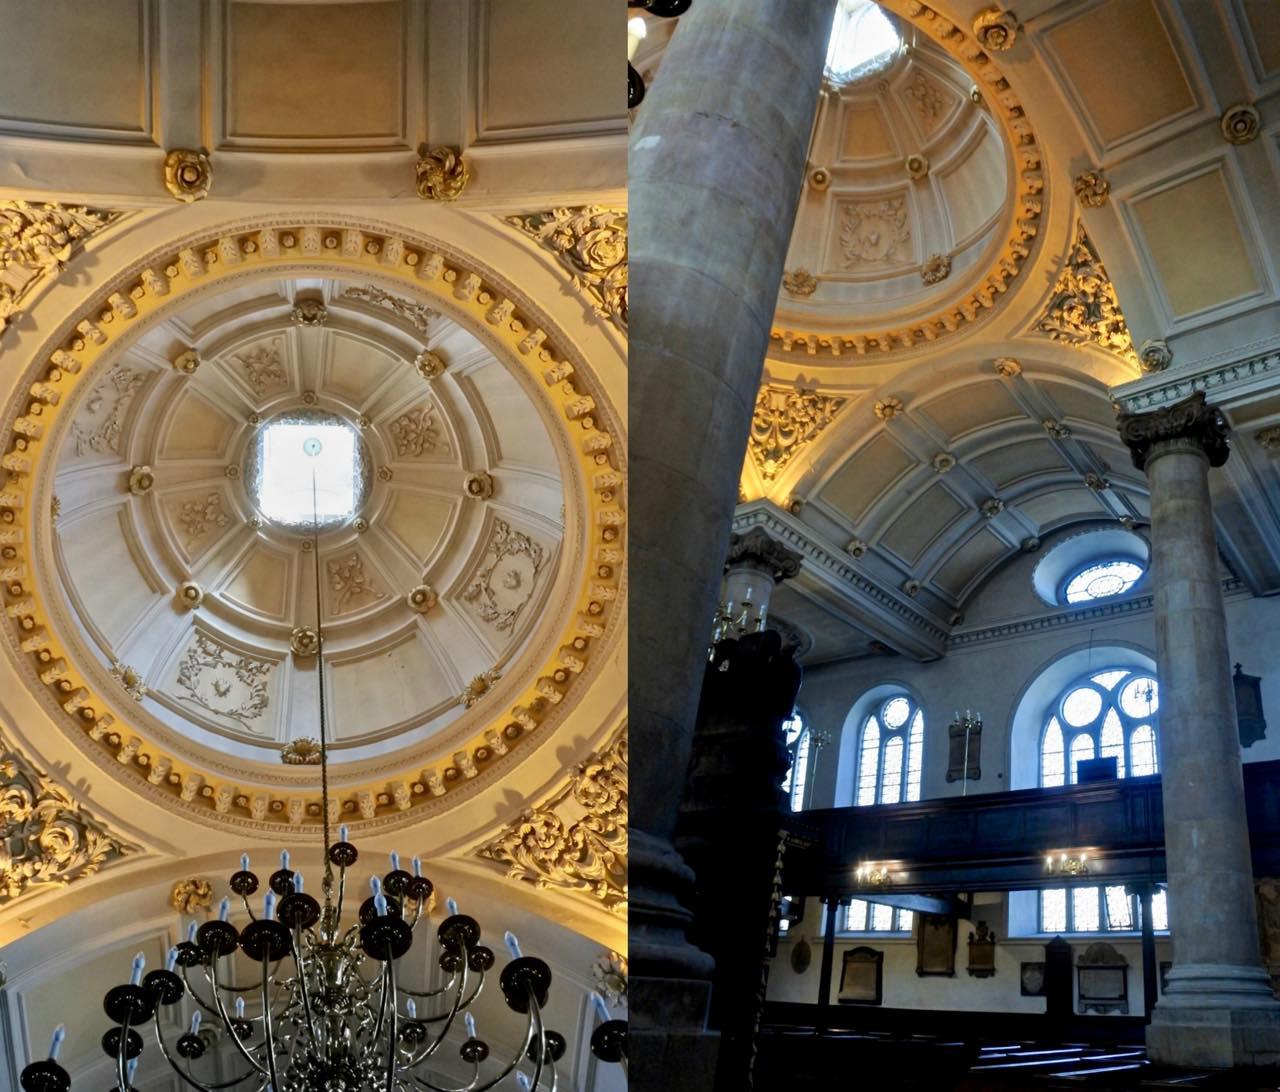 教会の内部♡  ロンドンのシティに建てられたクリストファー・レンによる教会、セント・・メアリー・アット・ヒルのバロック古典様式に倣った装飾なのだとか。